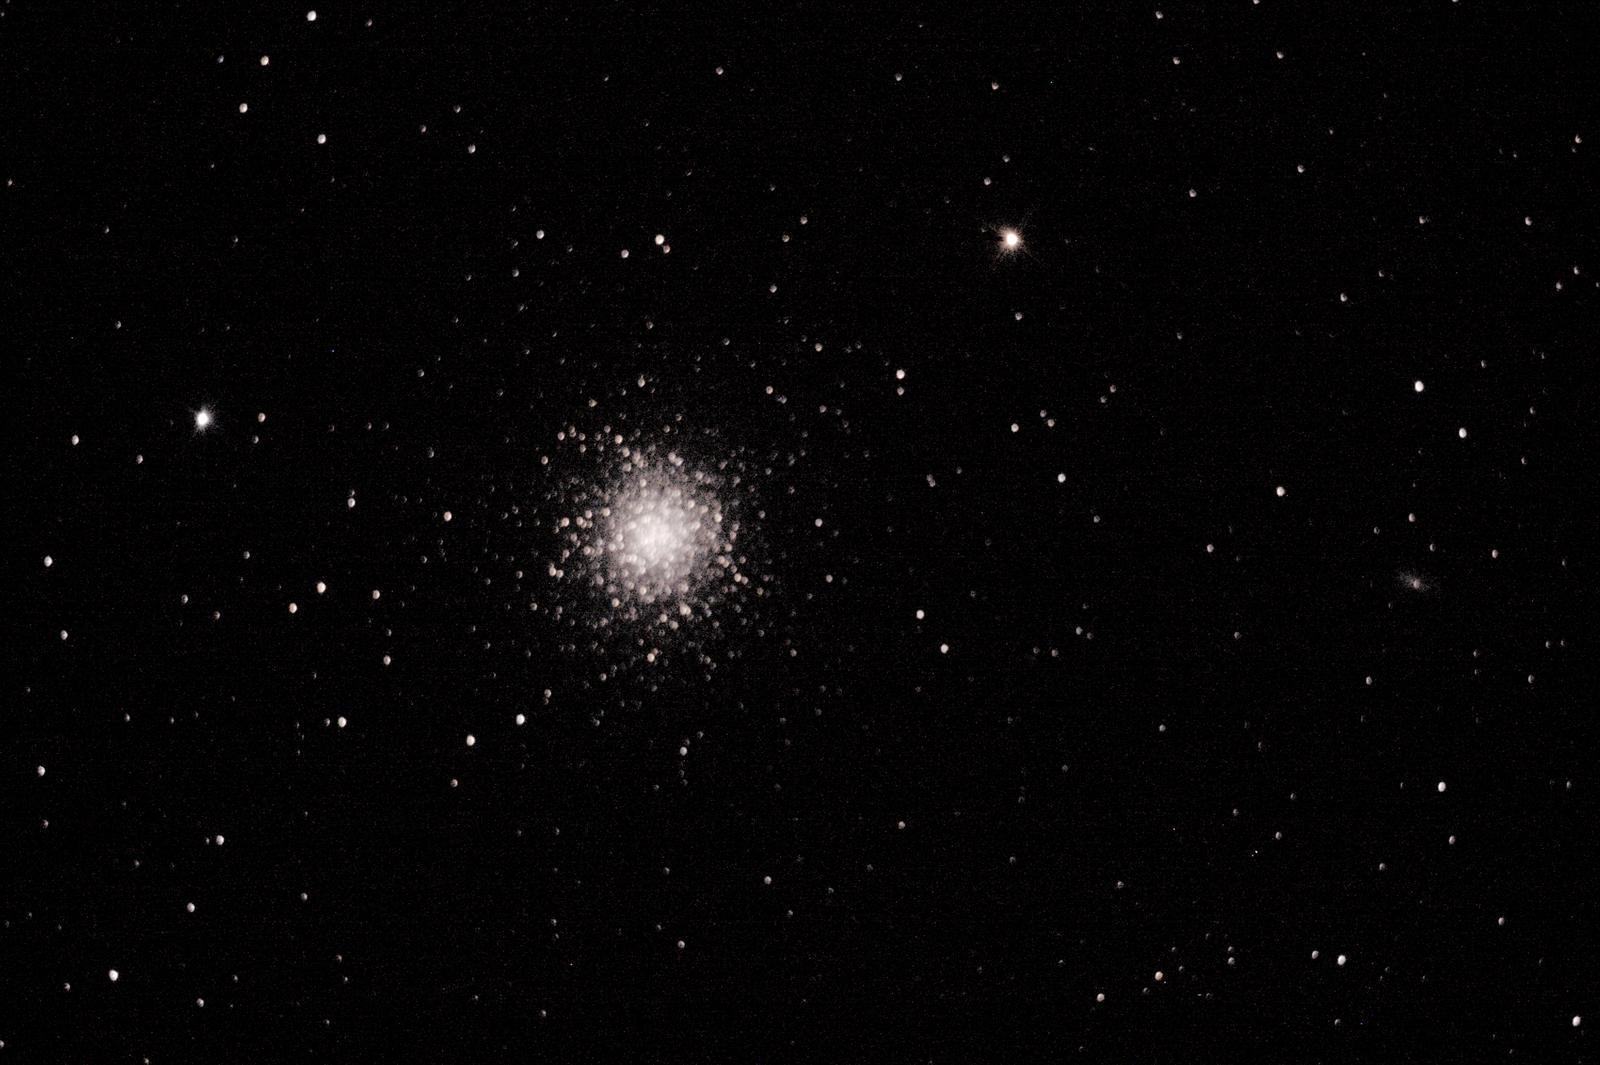 M13 : le grand amas d'Hercules - à Saint-Martin (32) - 29 juillet 2017 - Skywatcher 200/1000 + Canon 1000D défiltré - 1 photo 30sec ISO800 Ouverture 5 (donnée par le téléscope) + (3 Darks 120sec ISO800) + (2 offsets 1/4000 ISO 800)